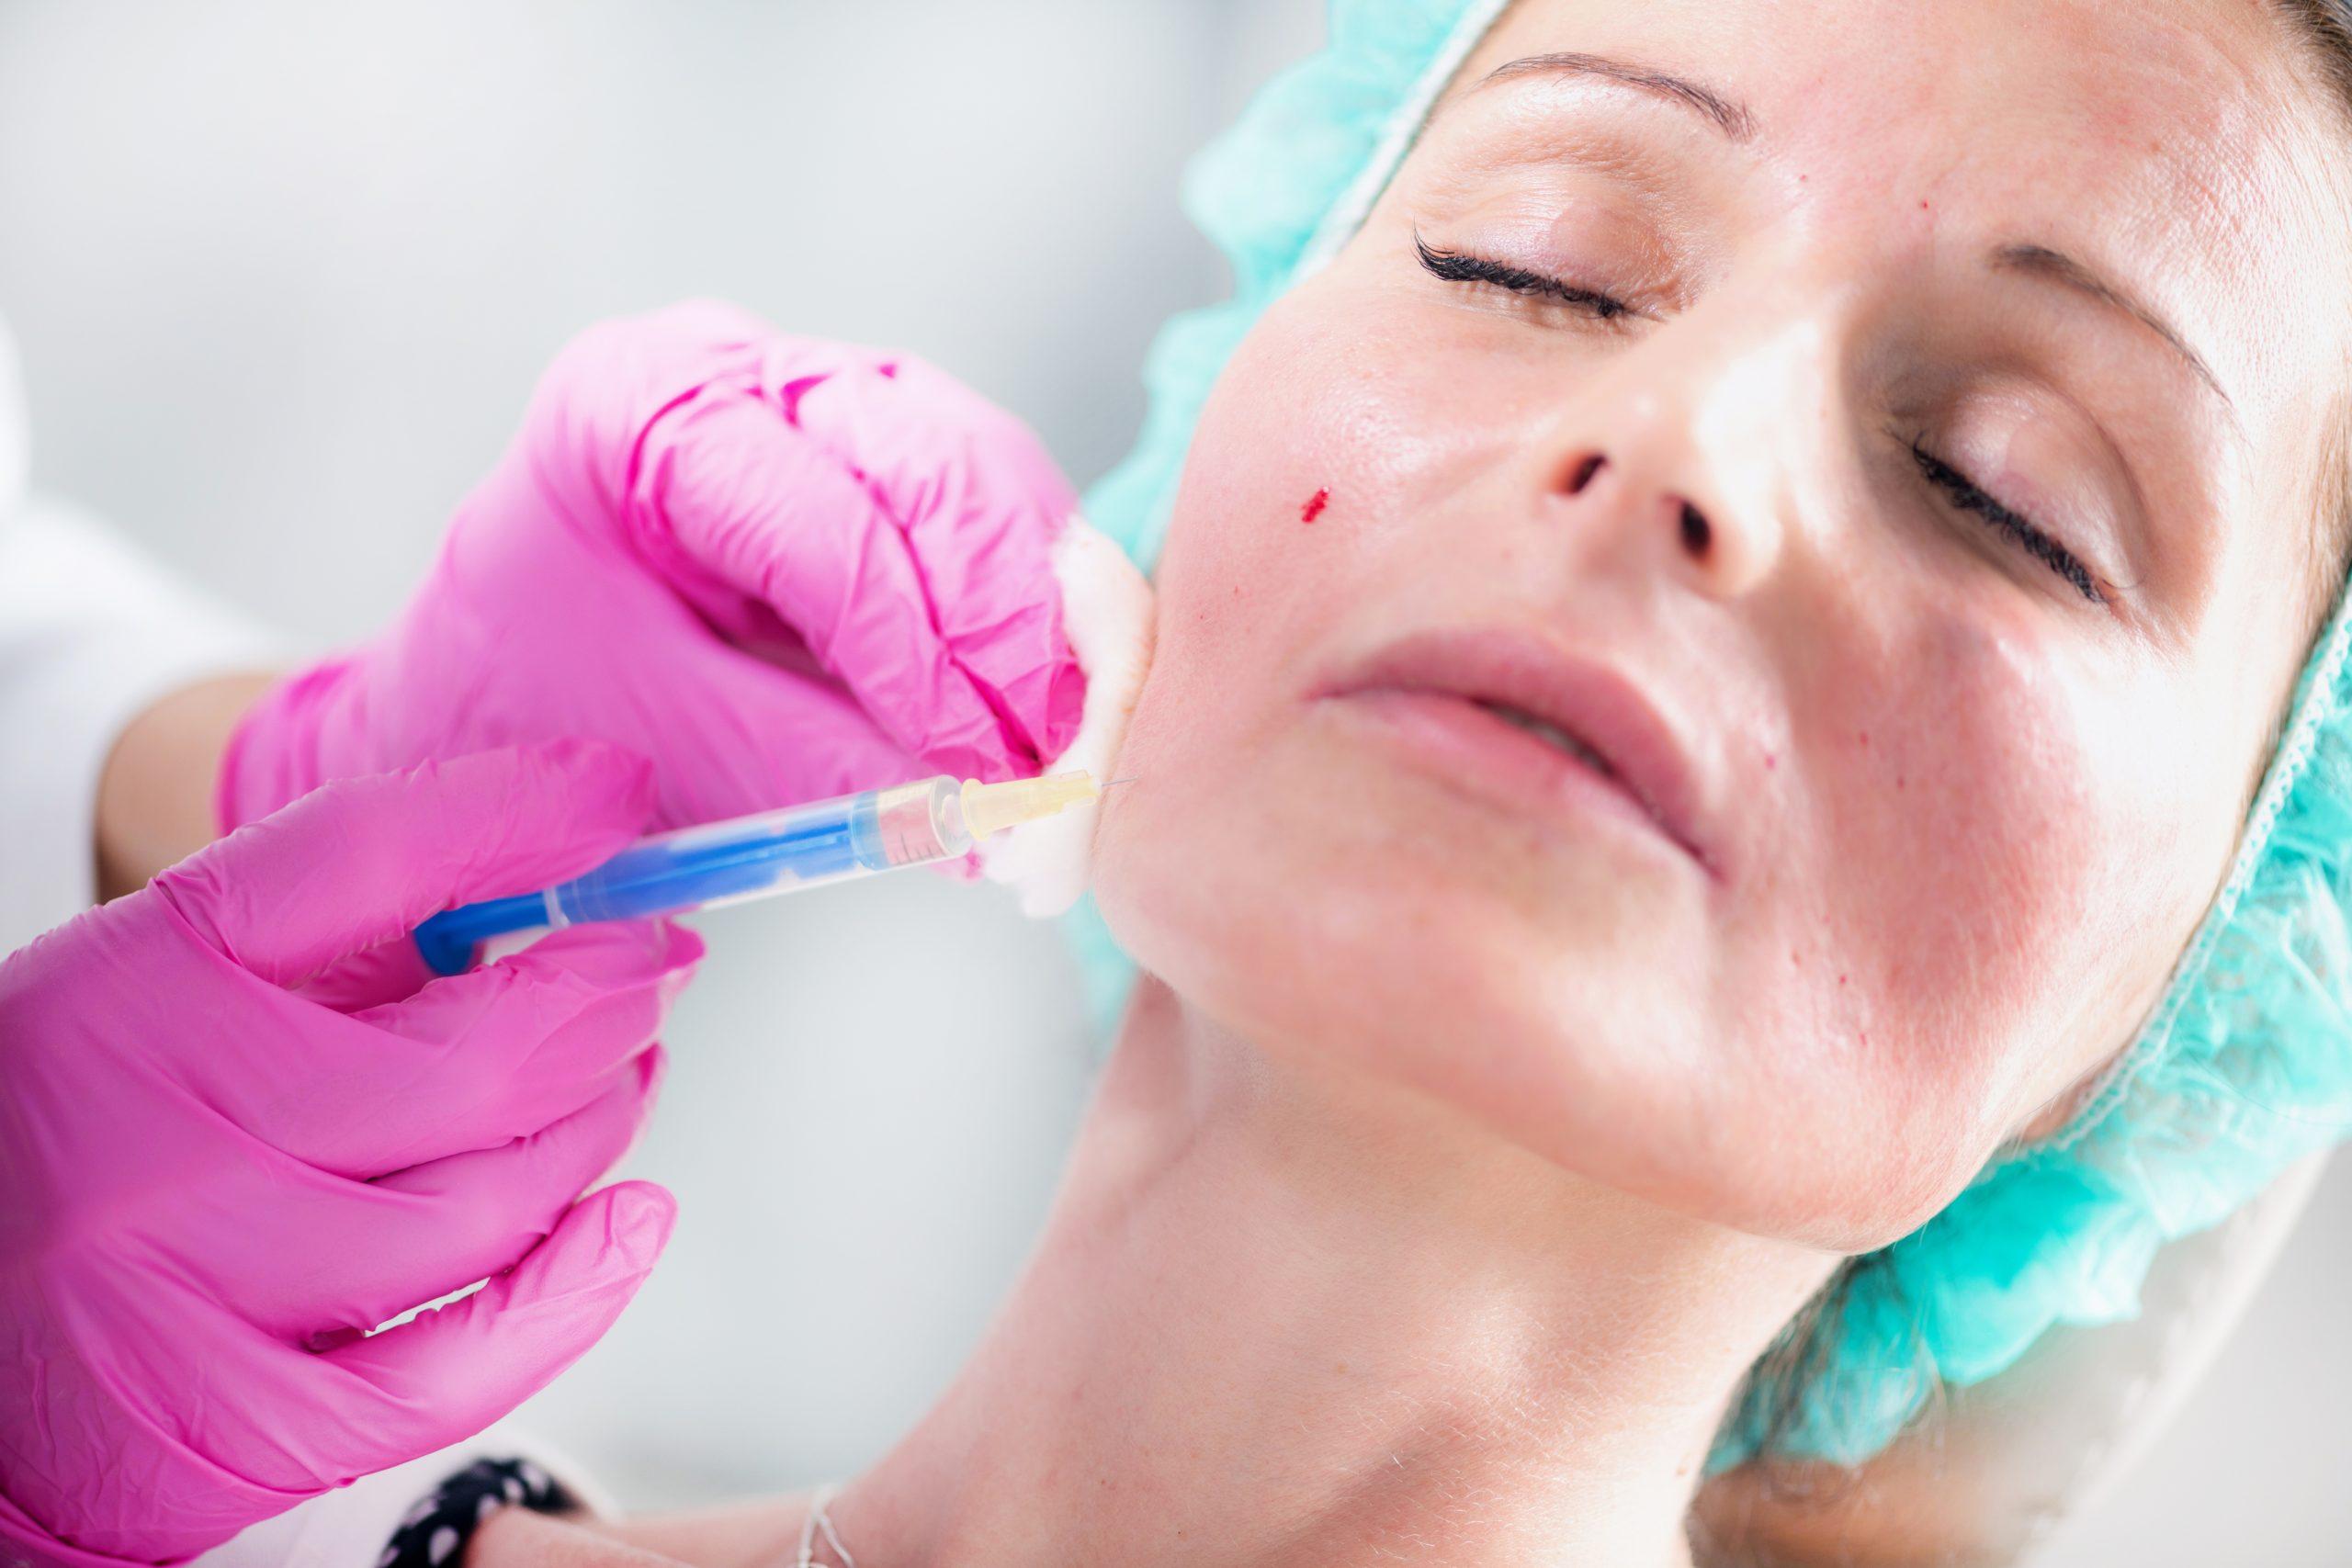 contraindicaciones peeling quimico